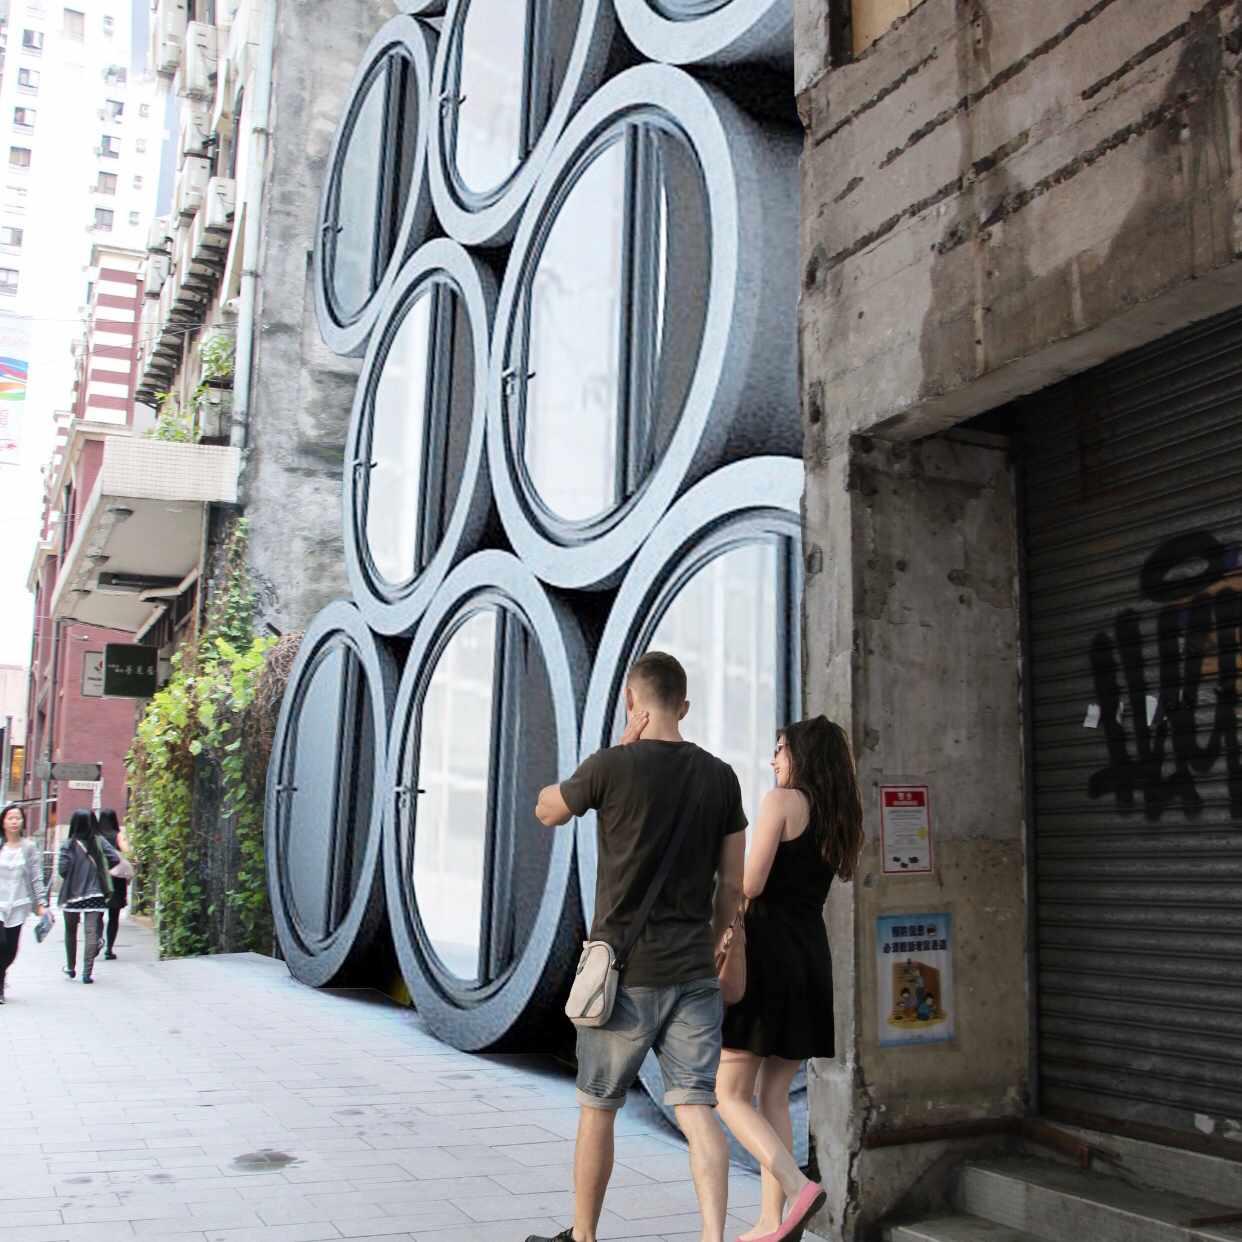 Rendering of O-Tube units at street level, Hong Kong